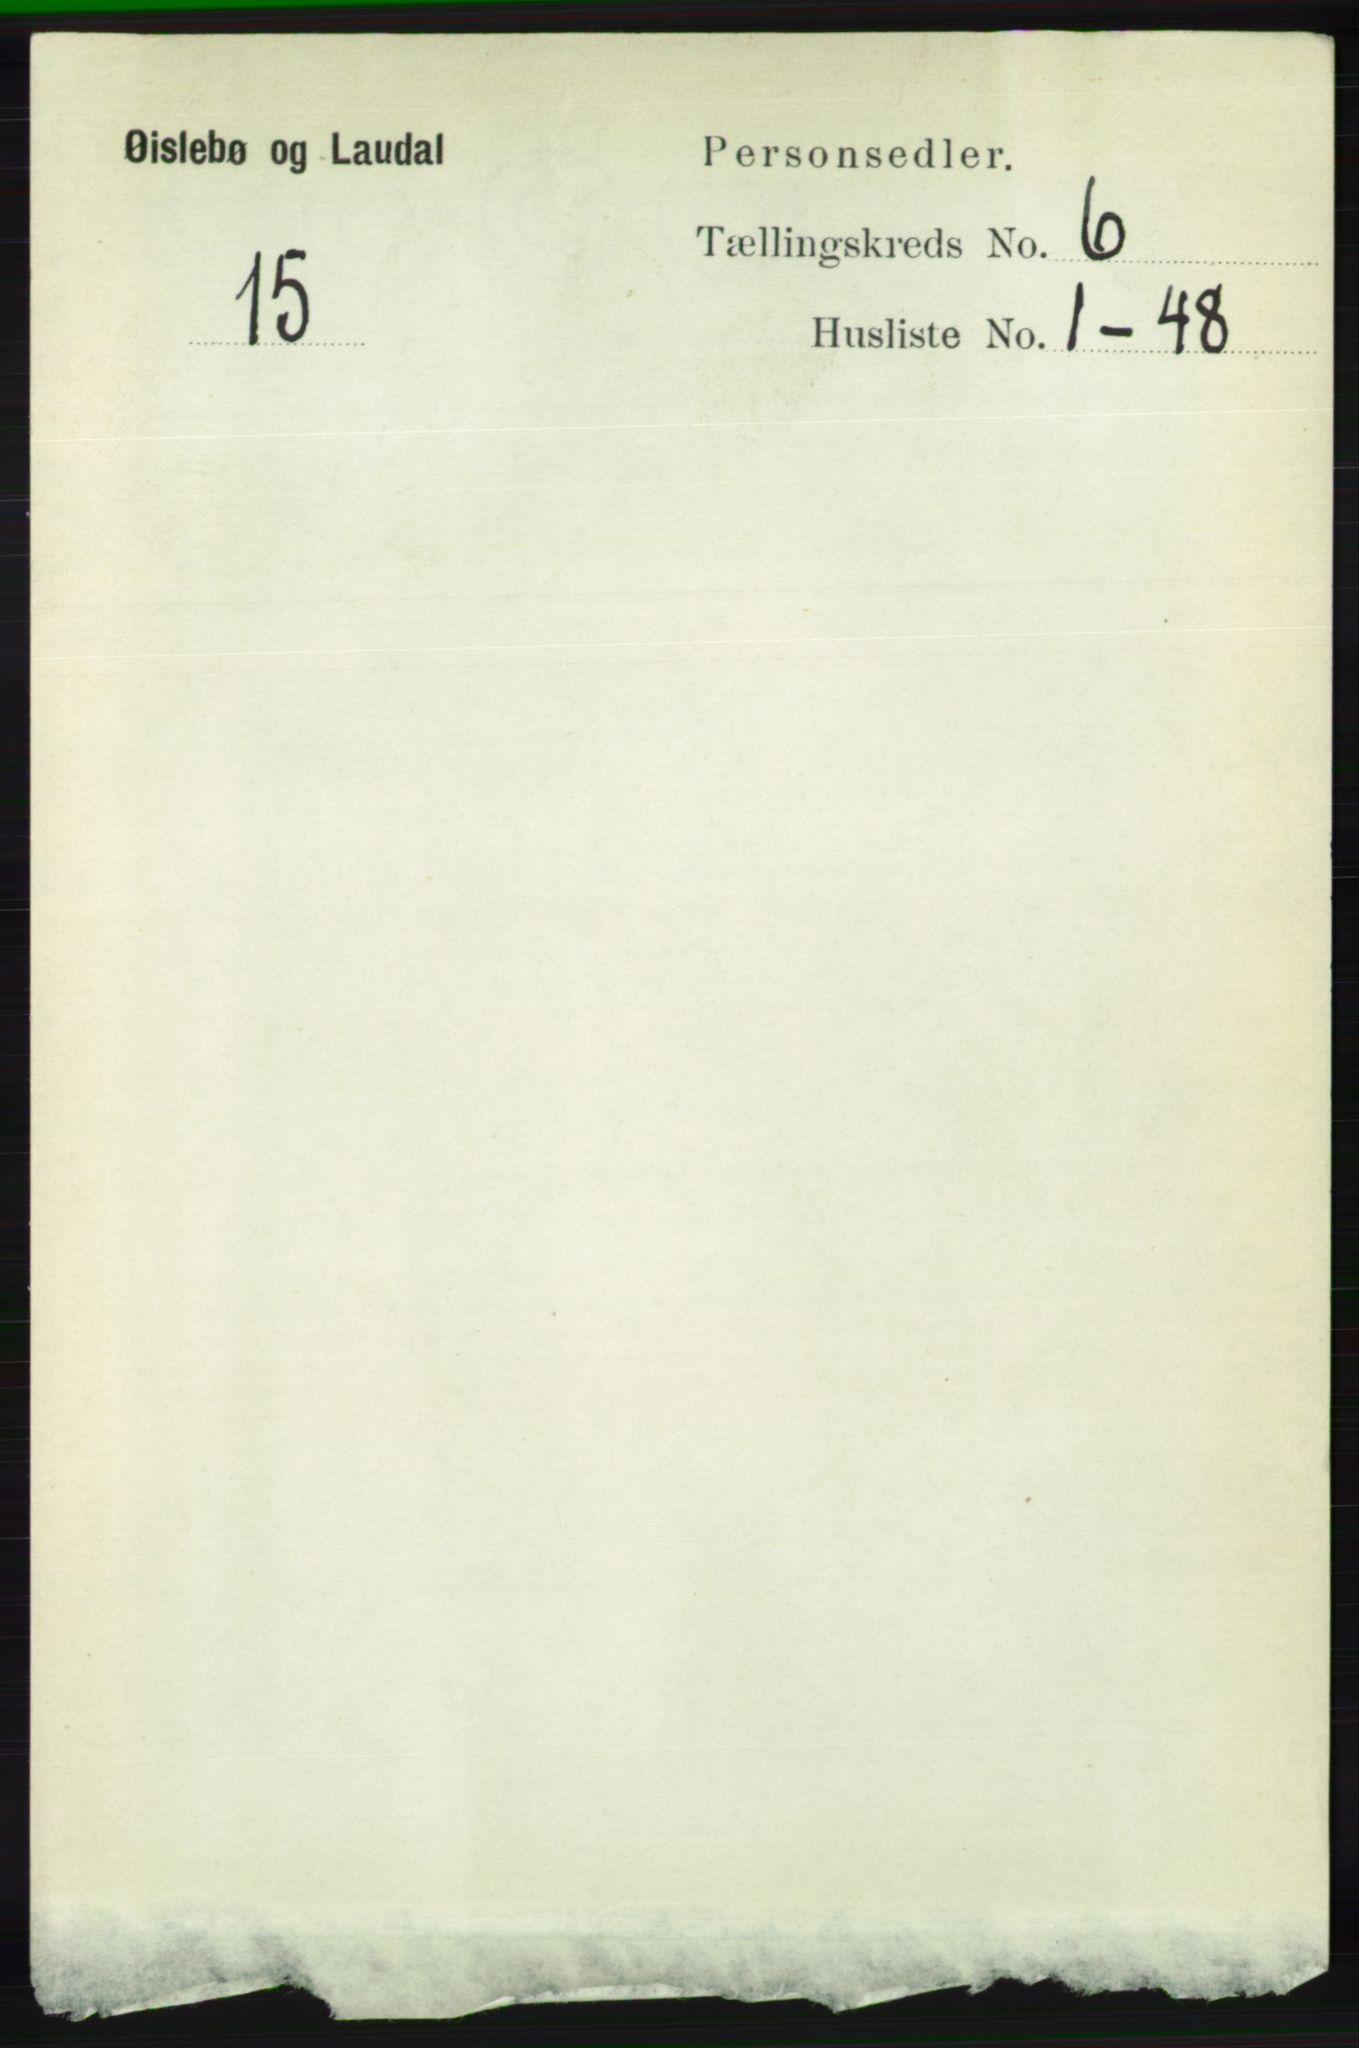 RA, Folketelling 1891 for 1021 Øyslebø og Laudal herred, 1891, s. 1695